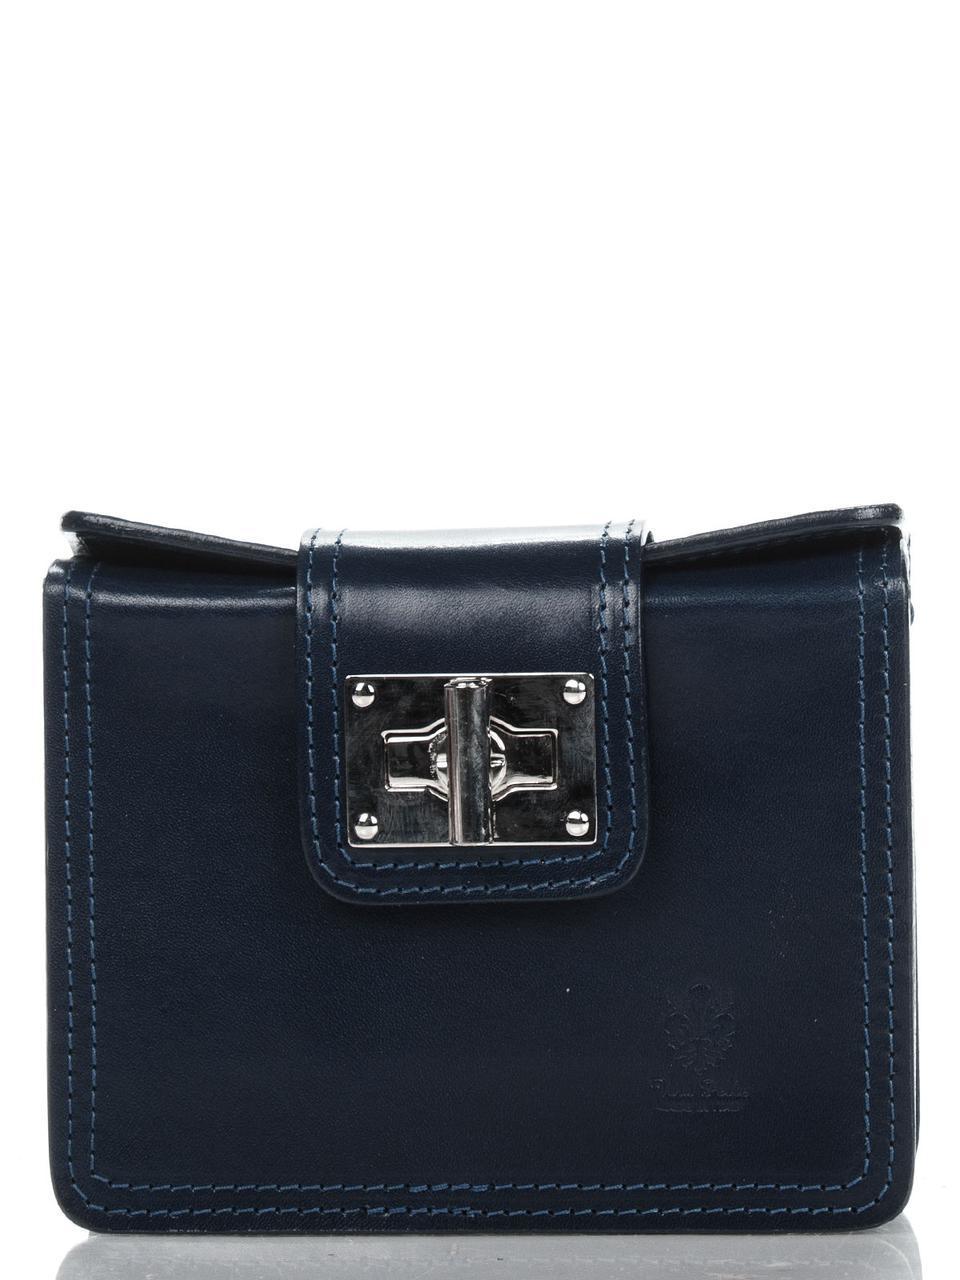 Diva's Bag Женская кожаная сумка EMILY  цвет темно-синий